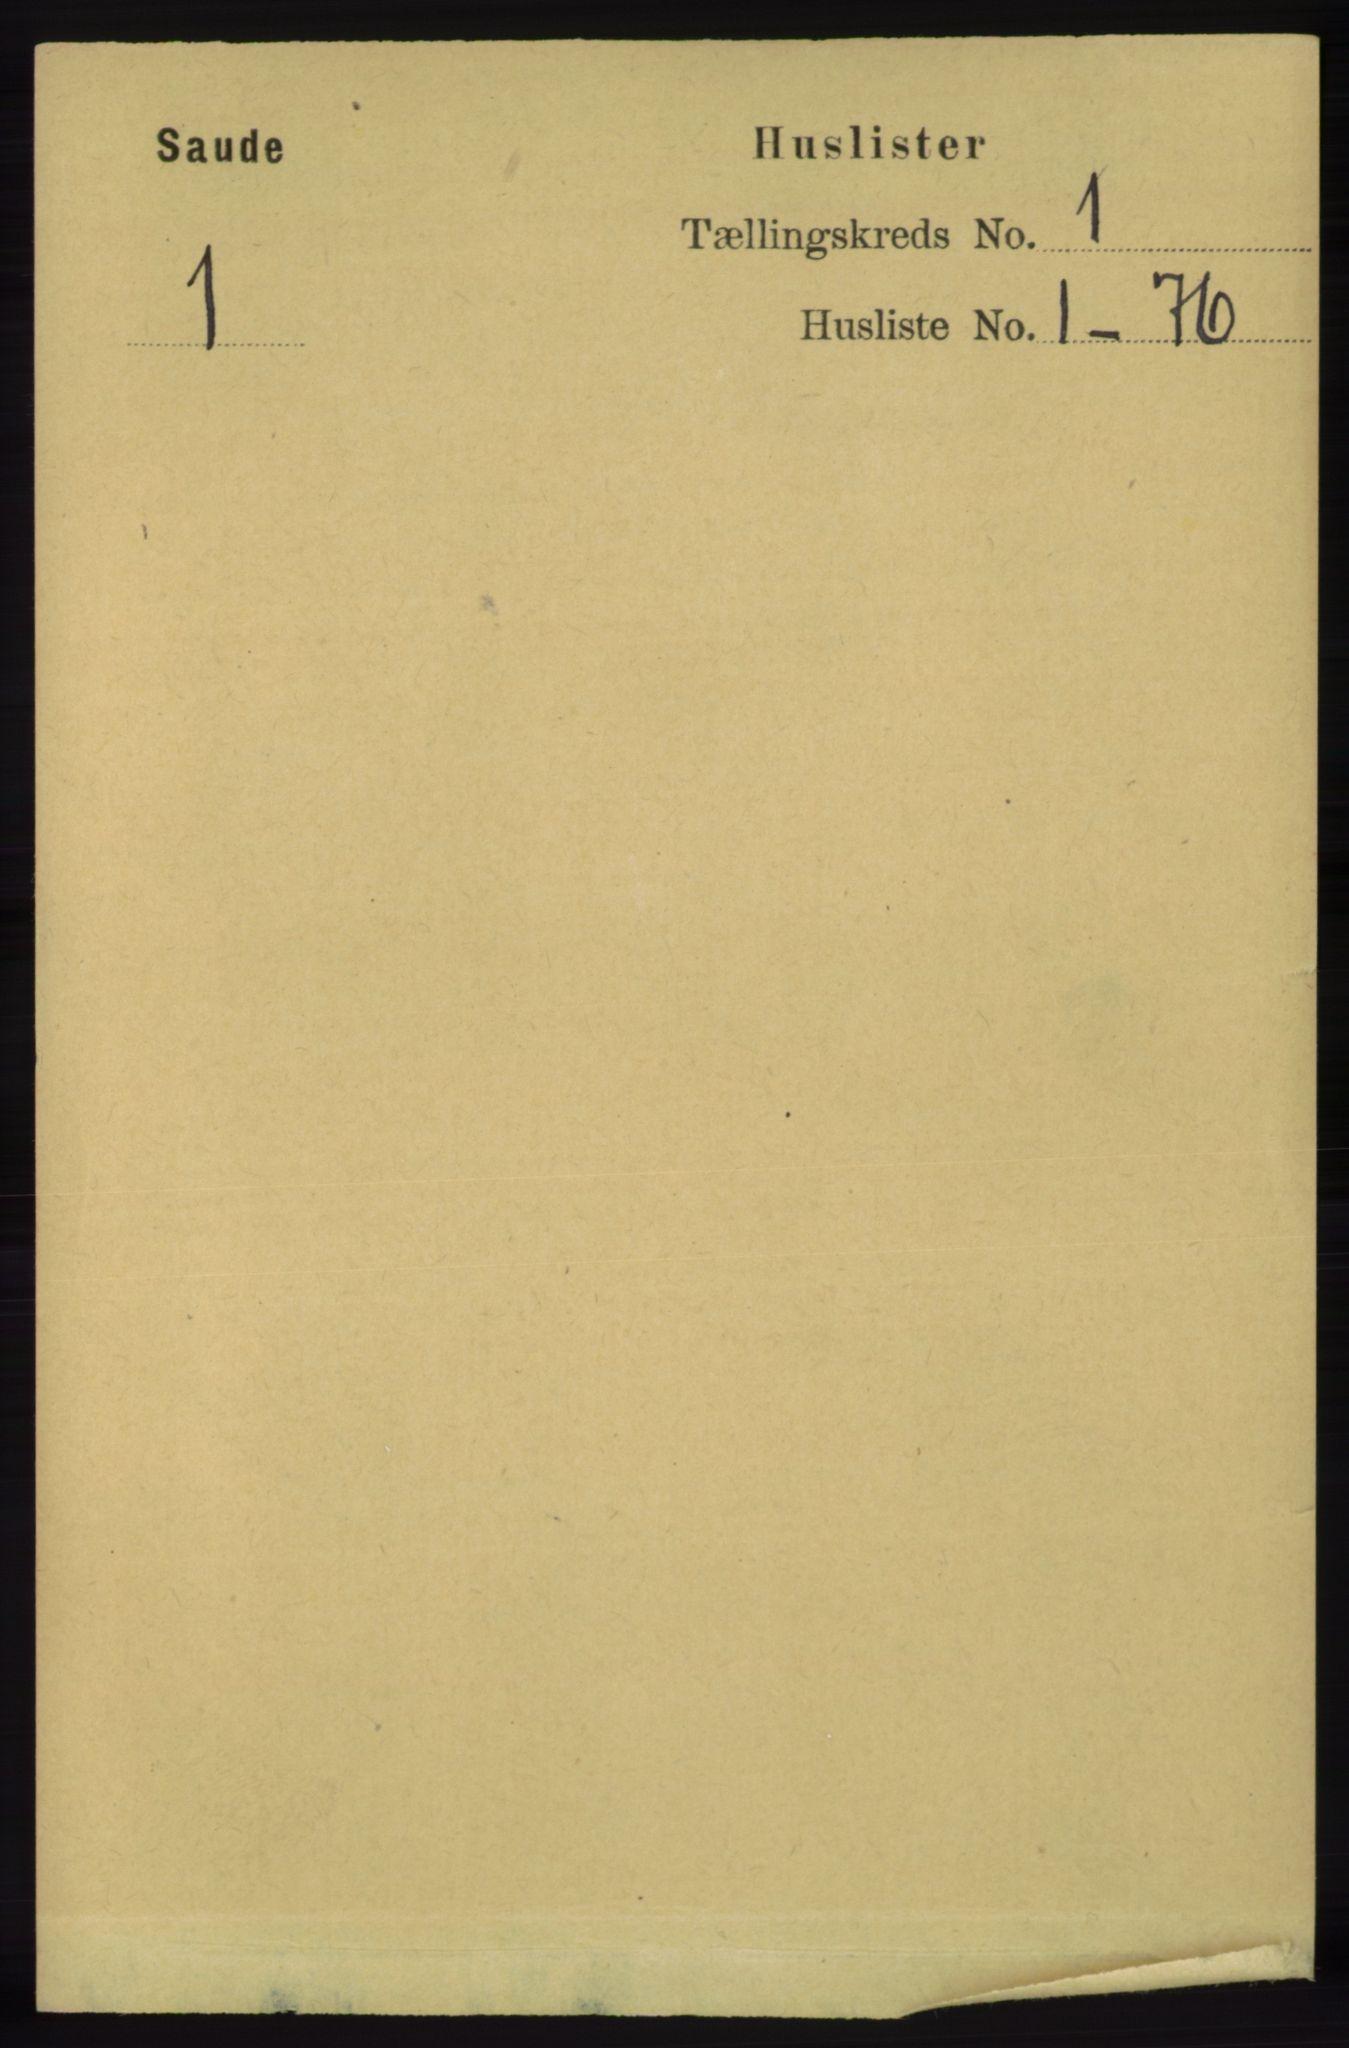 RA, Folketelling 1891 for 1135 Sauda herred, 1891, s. 17